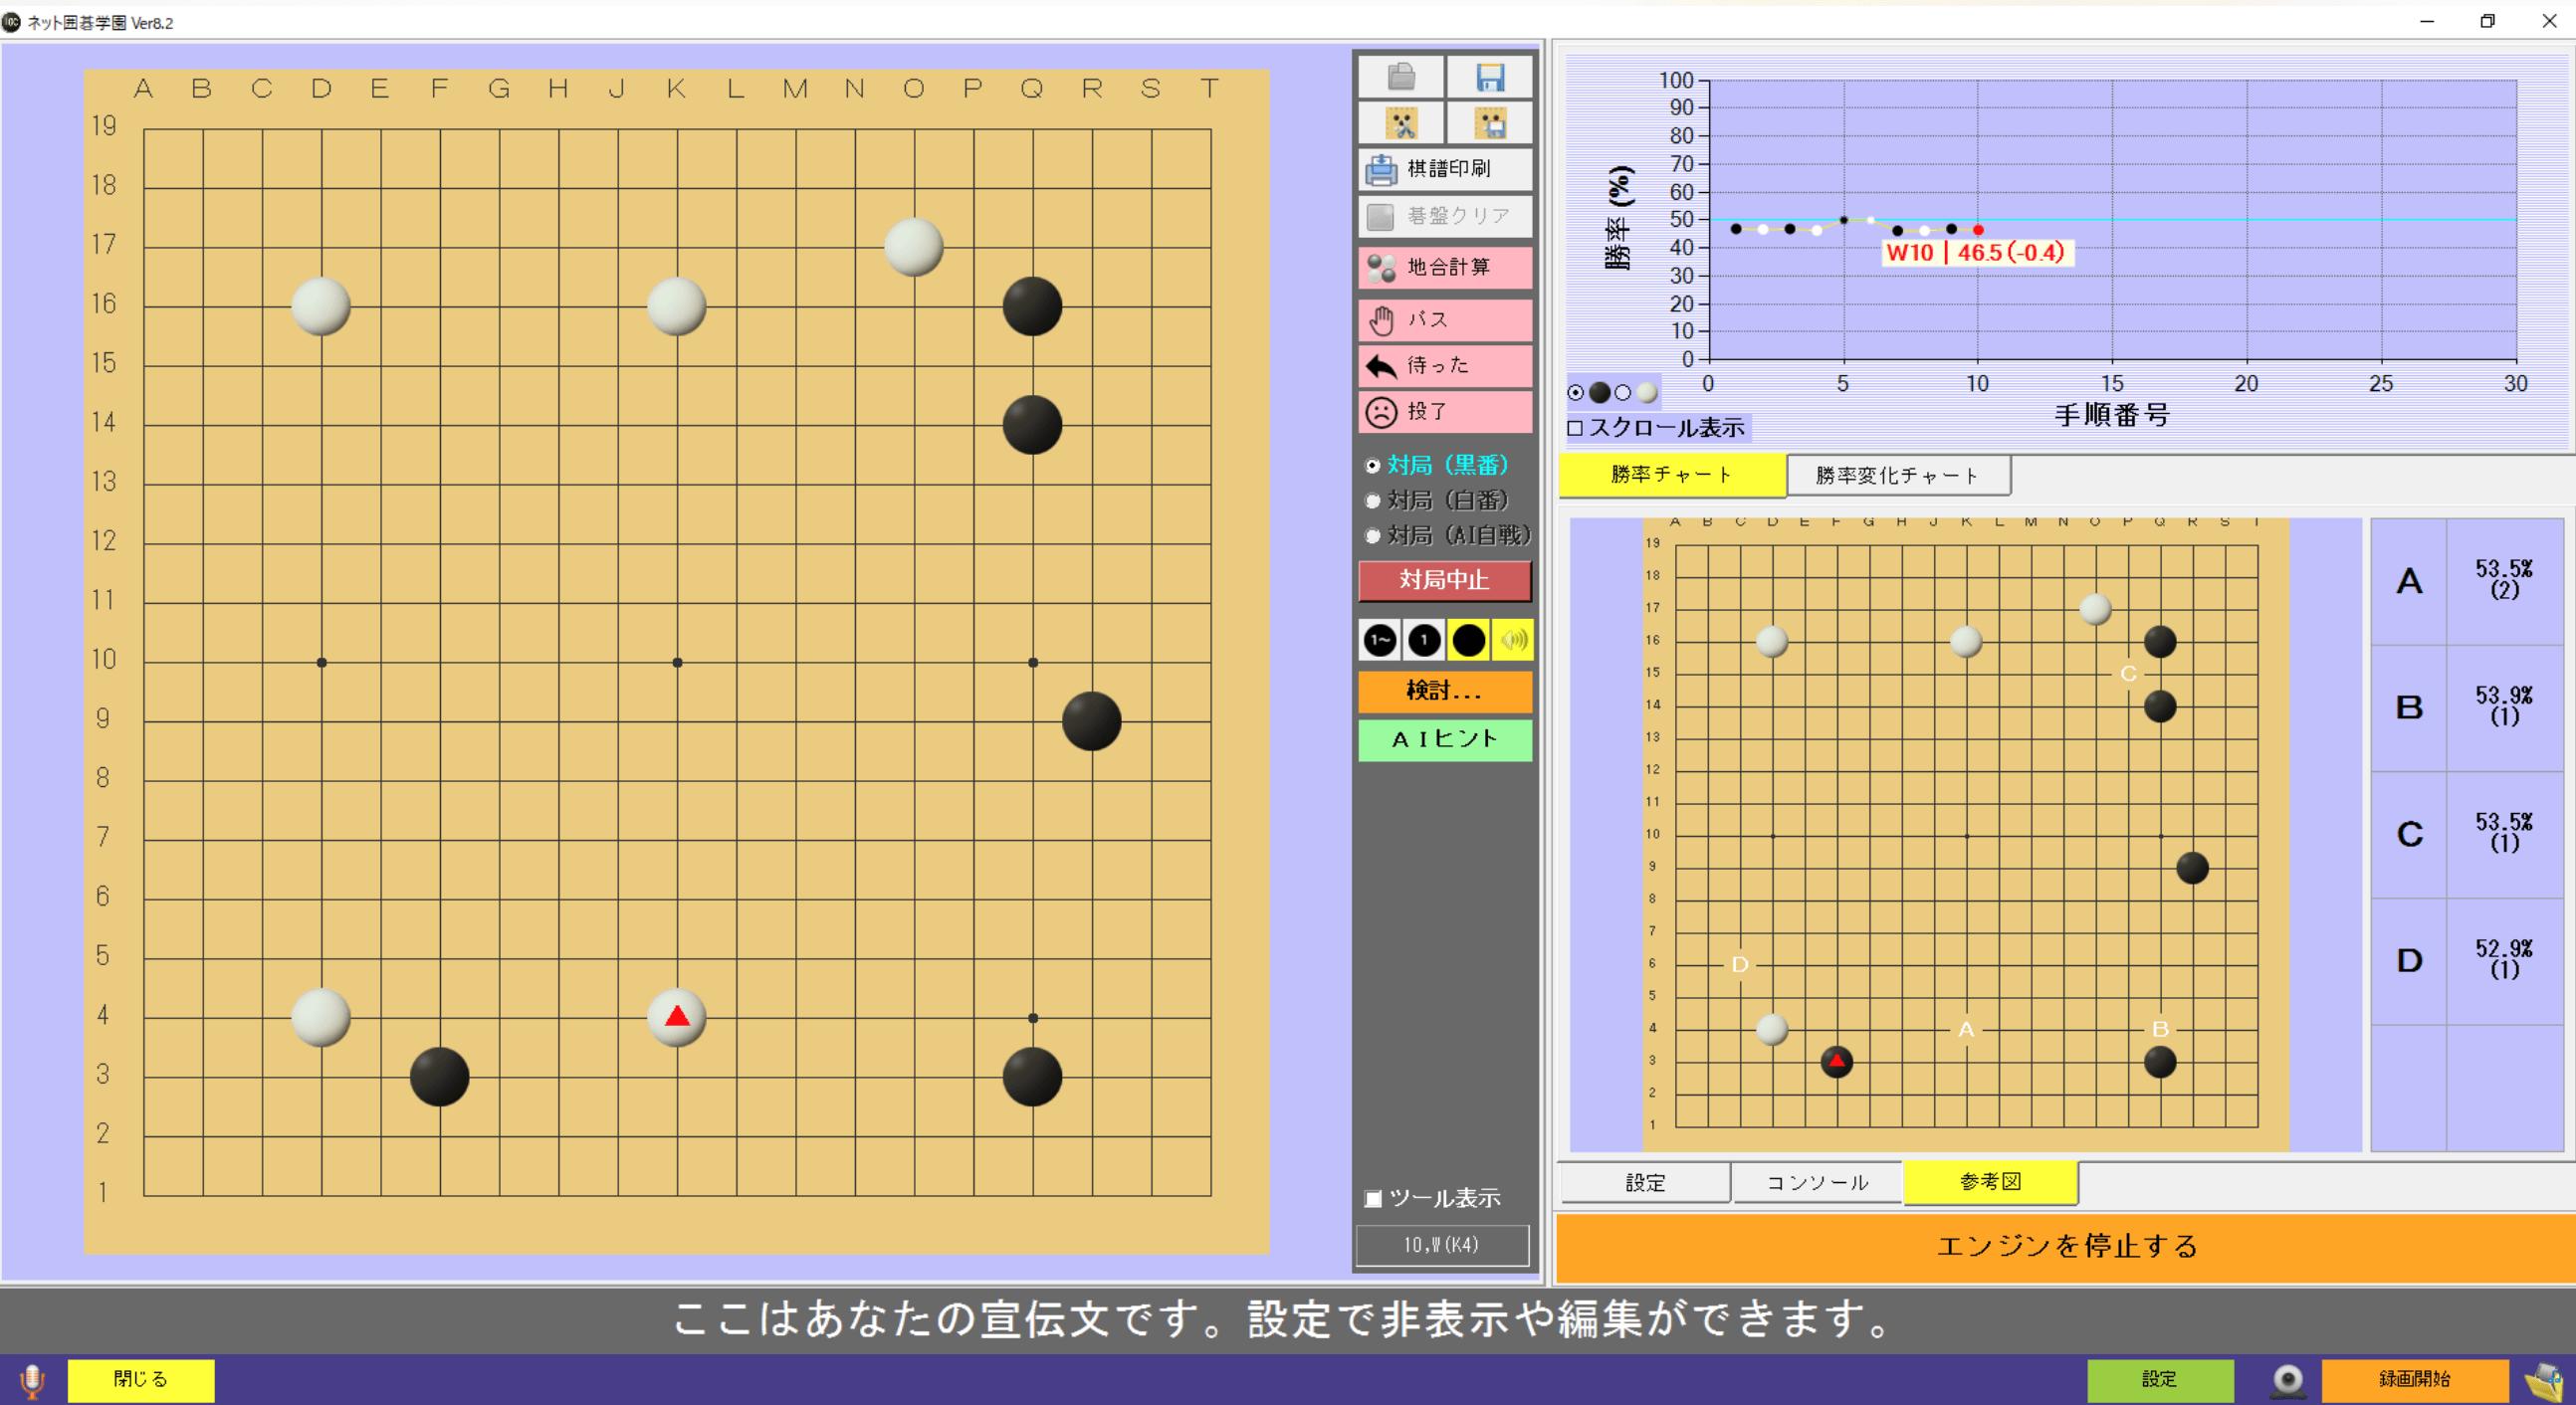 ネット碁学園AI対戦